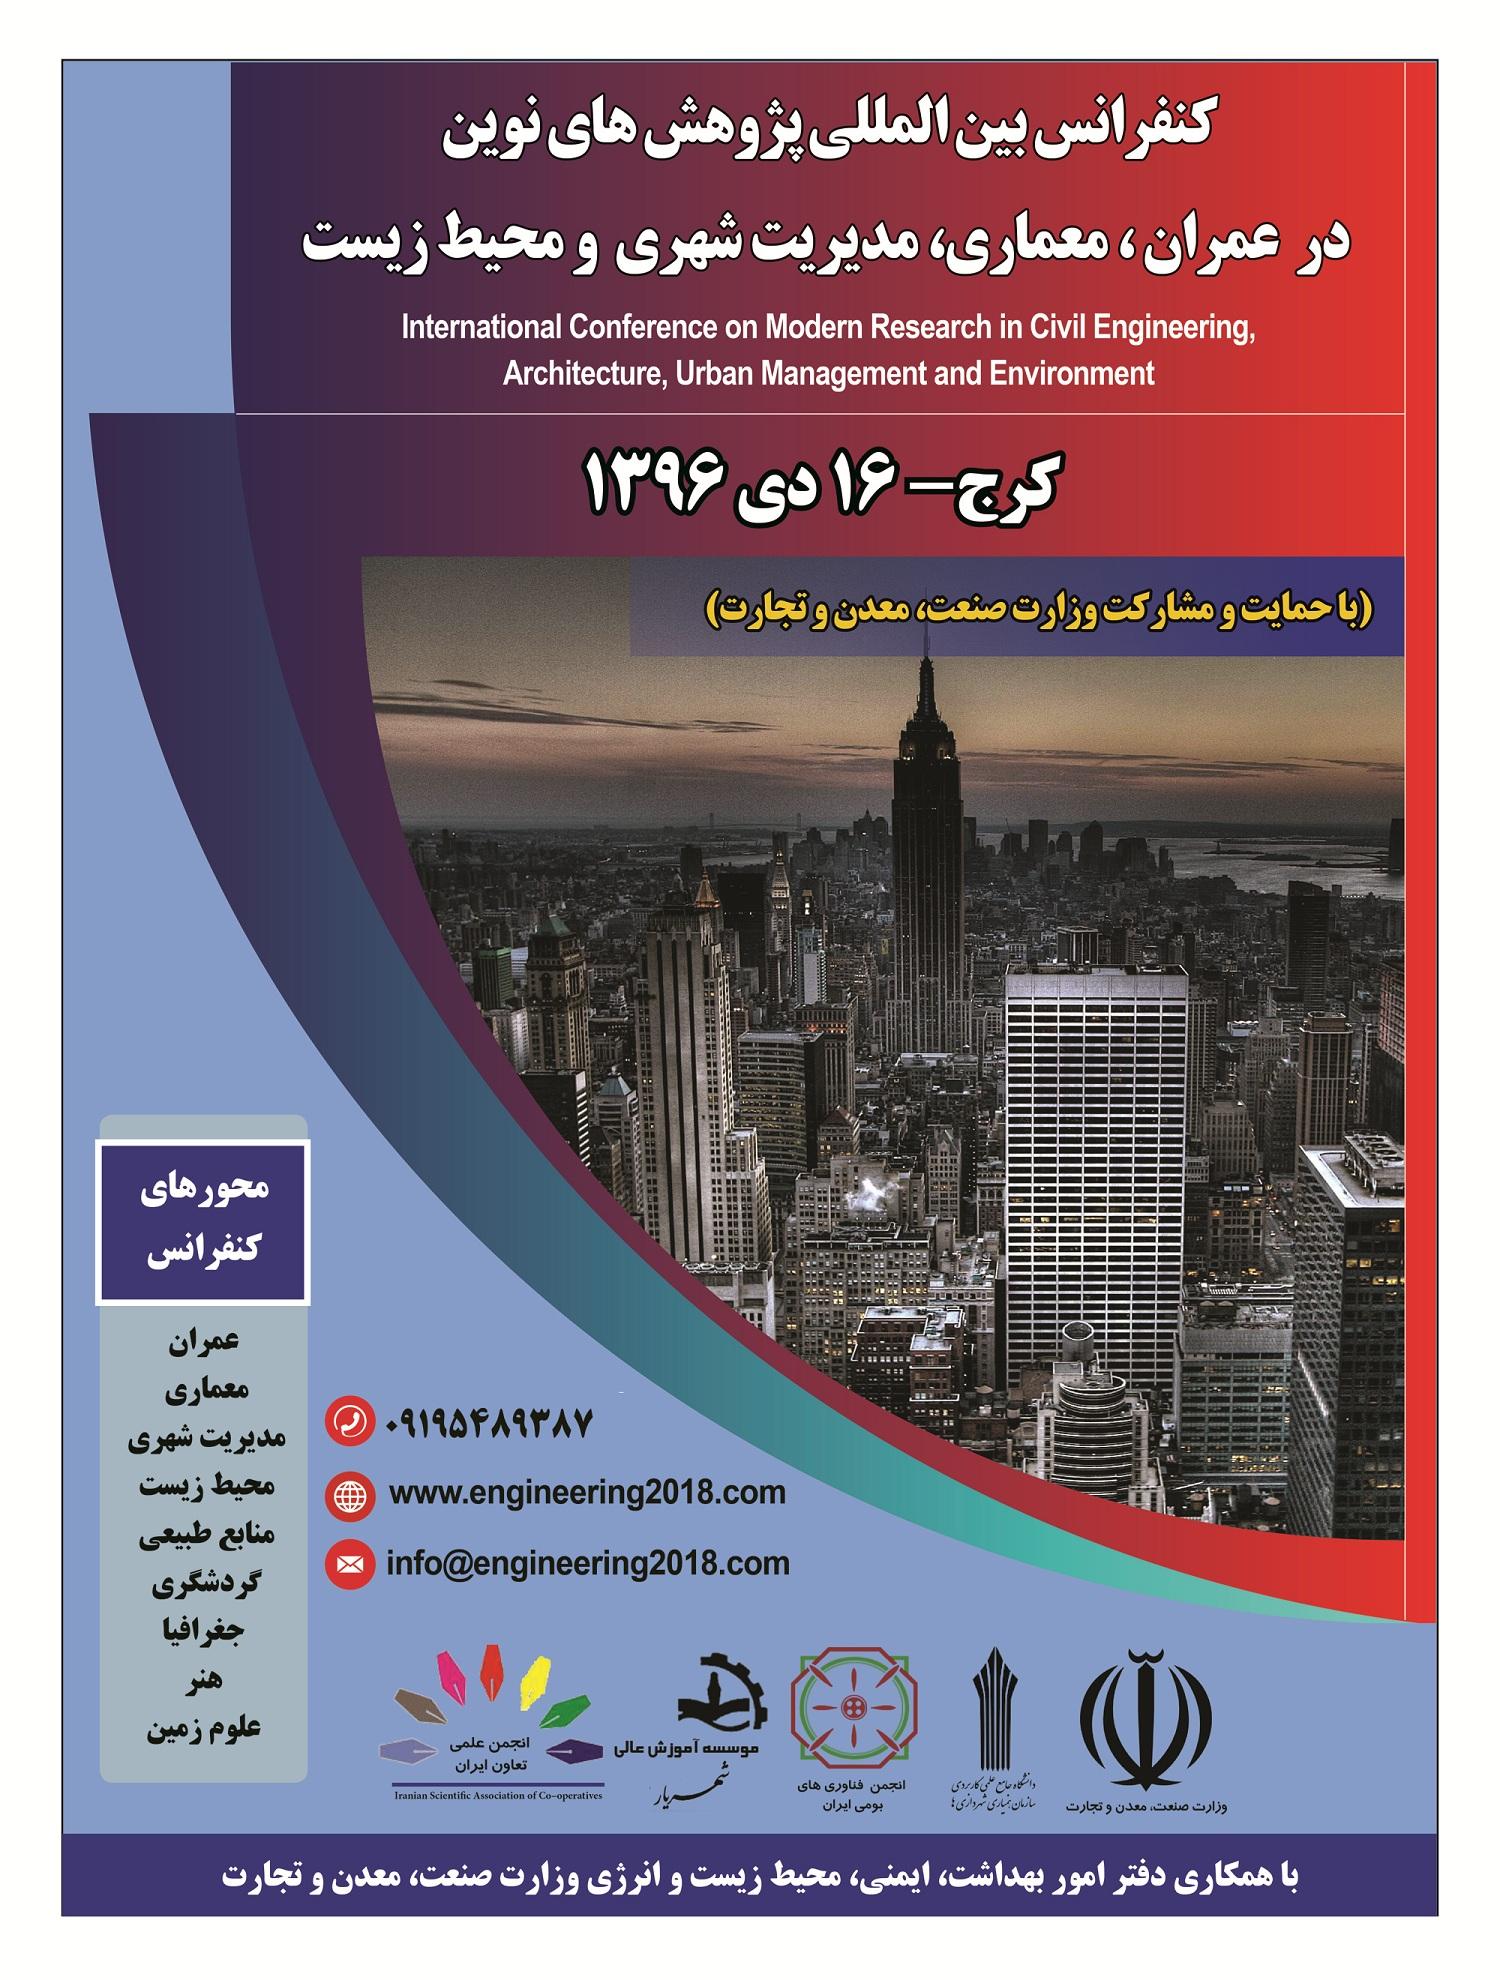 کنفرانس بین المللی پژوهشهای نوین در عمران، معماری، مدیریت شهری و محیط زیست